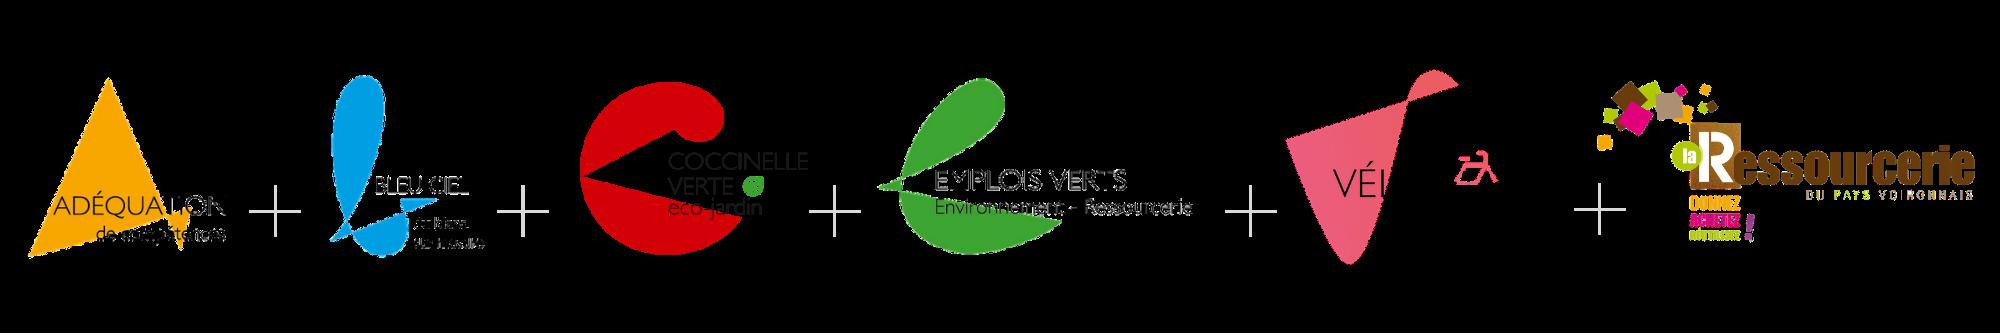 logos 6 activités